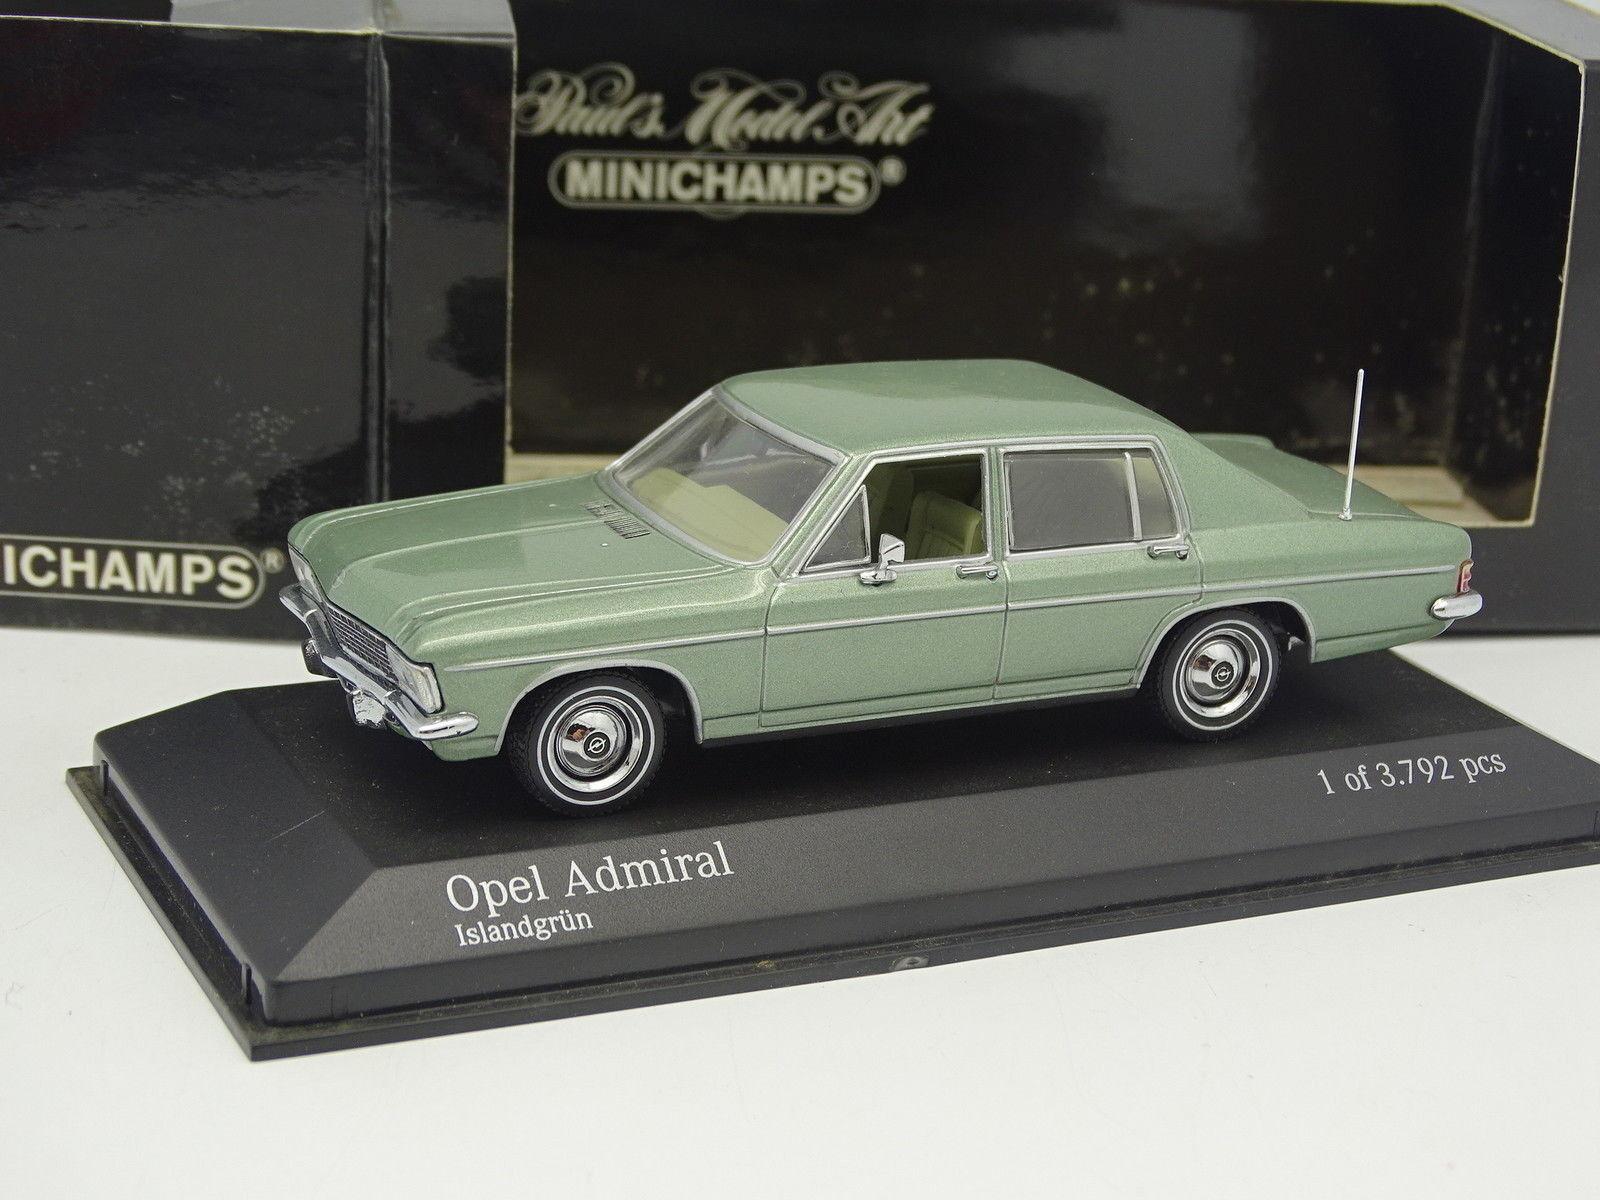 Minichamps 1 43 - - - Opel Admiral Green 05d8c8